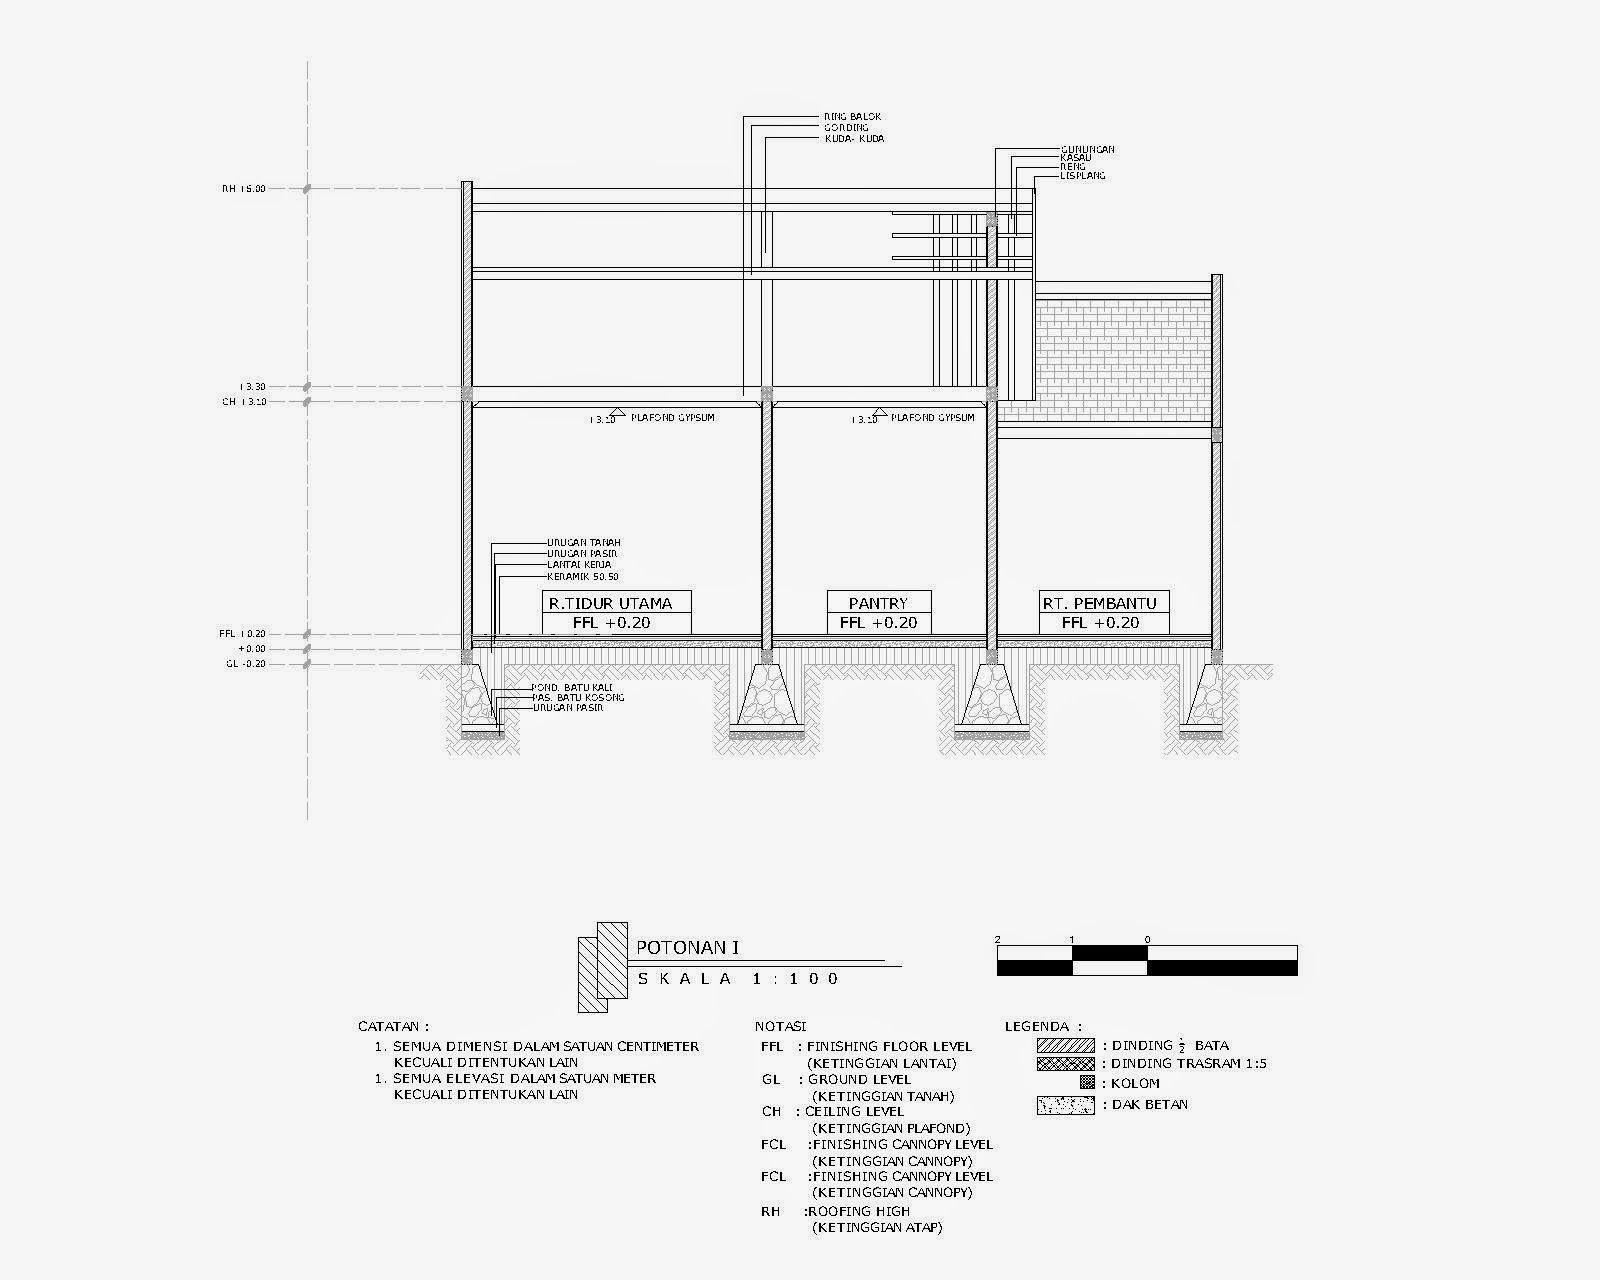 560 Gambar Autocad Rumah 2 Lantai Lengkap HD